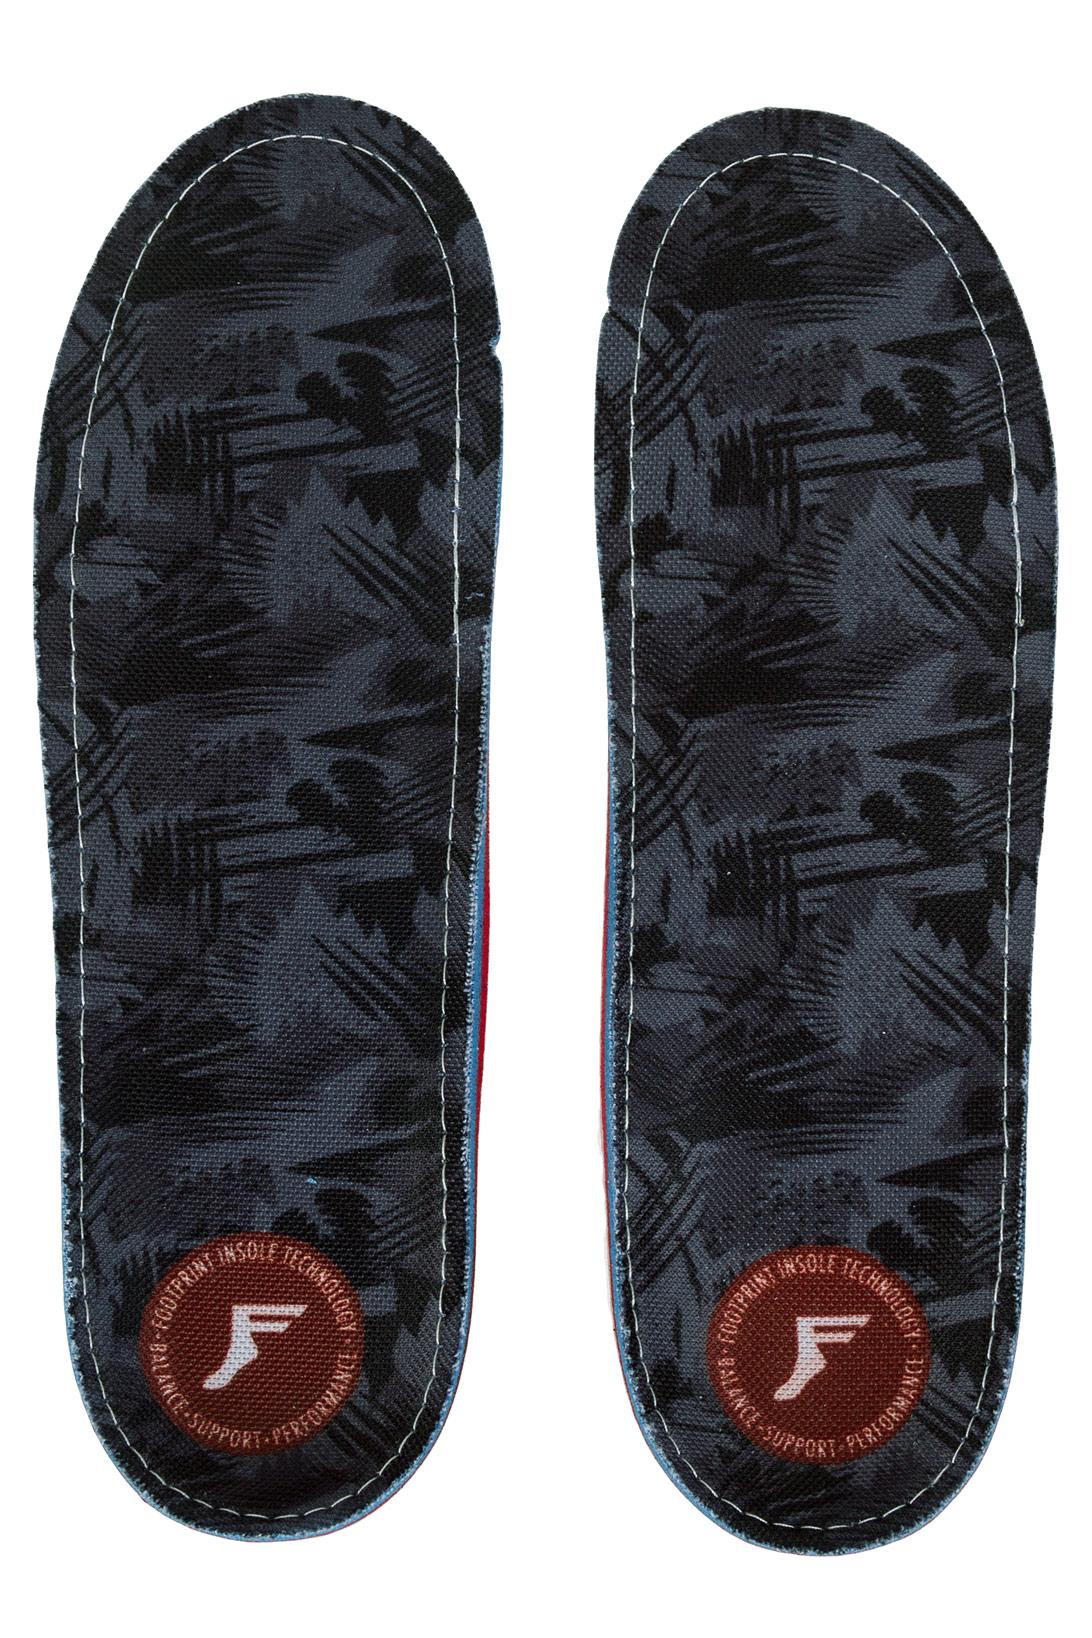 Footprint Camo Gamechangers Low Plantilla (grey) comprar en ...